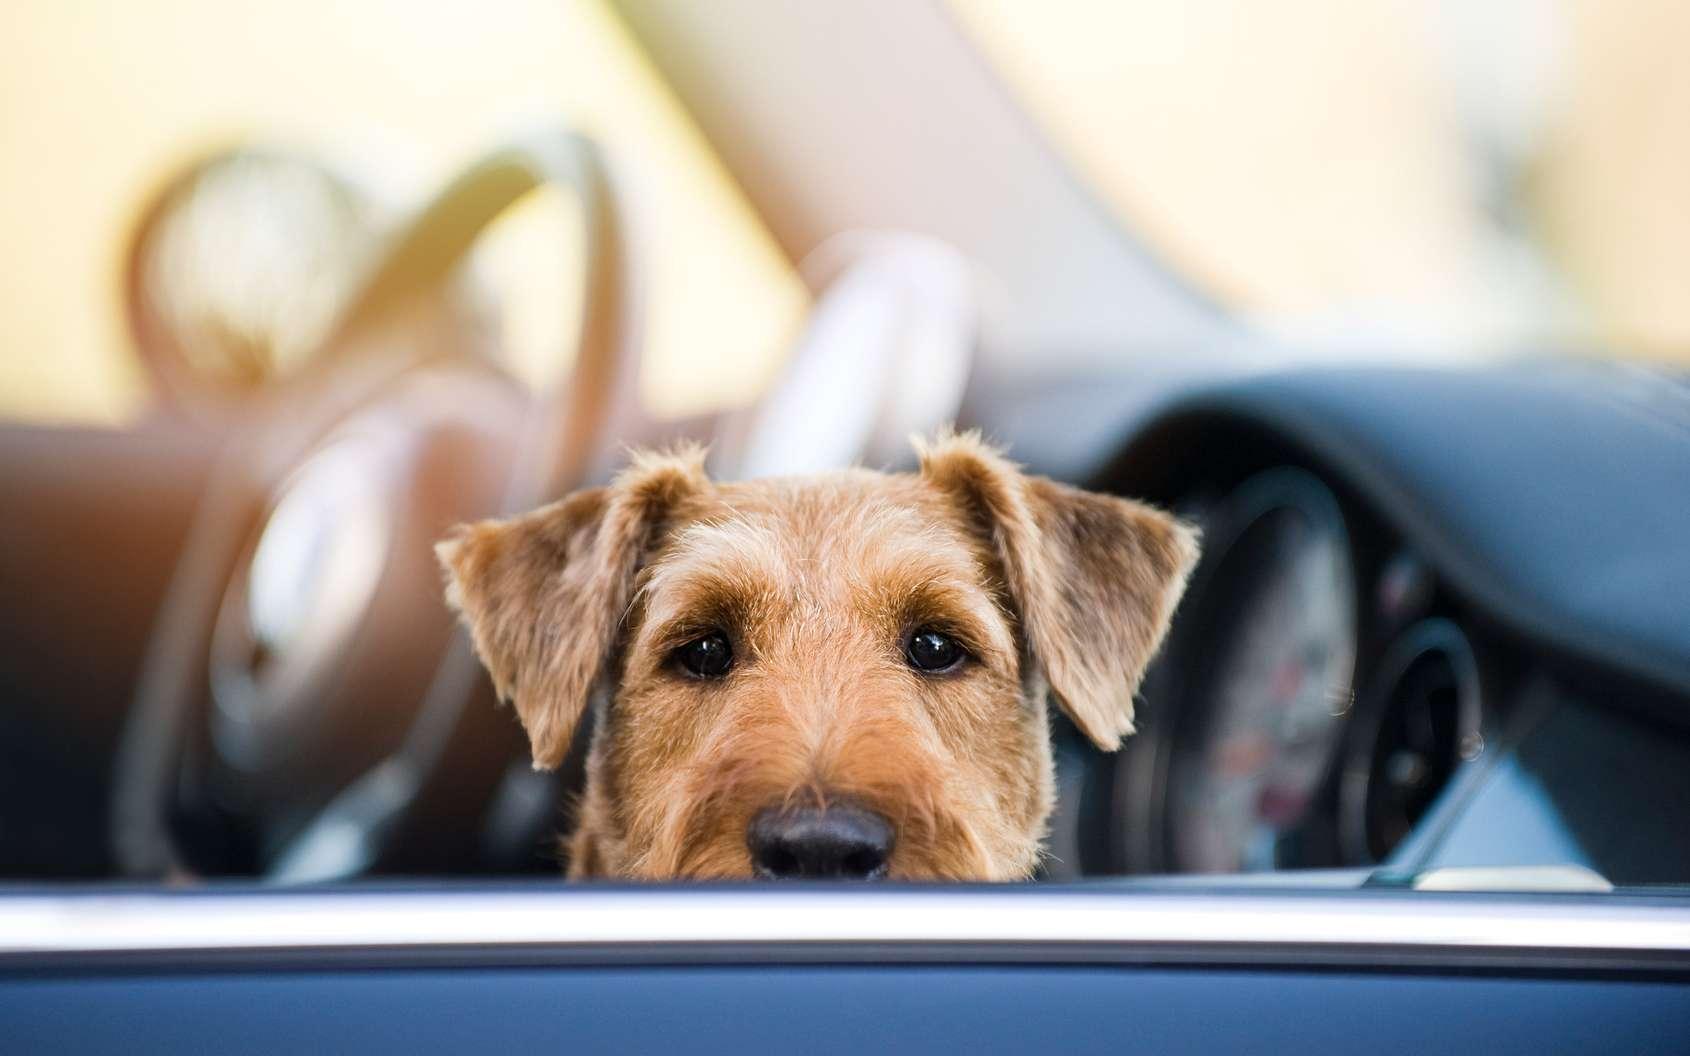 Les Tesla vont bientôt pouvoir prendre soin d'un animal resté enfermé. © DoraZett